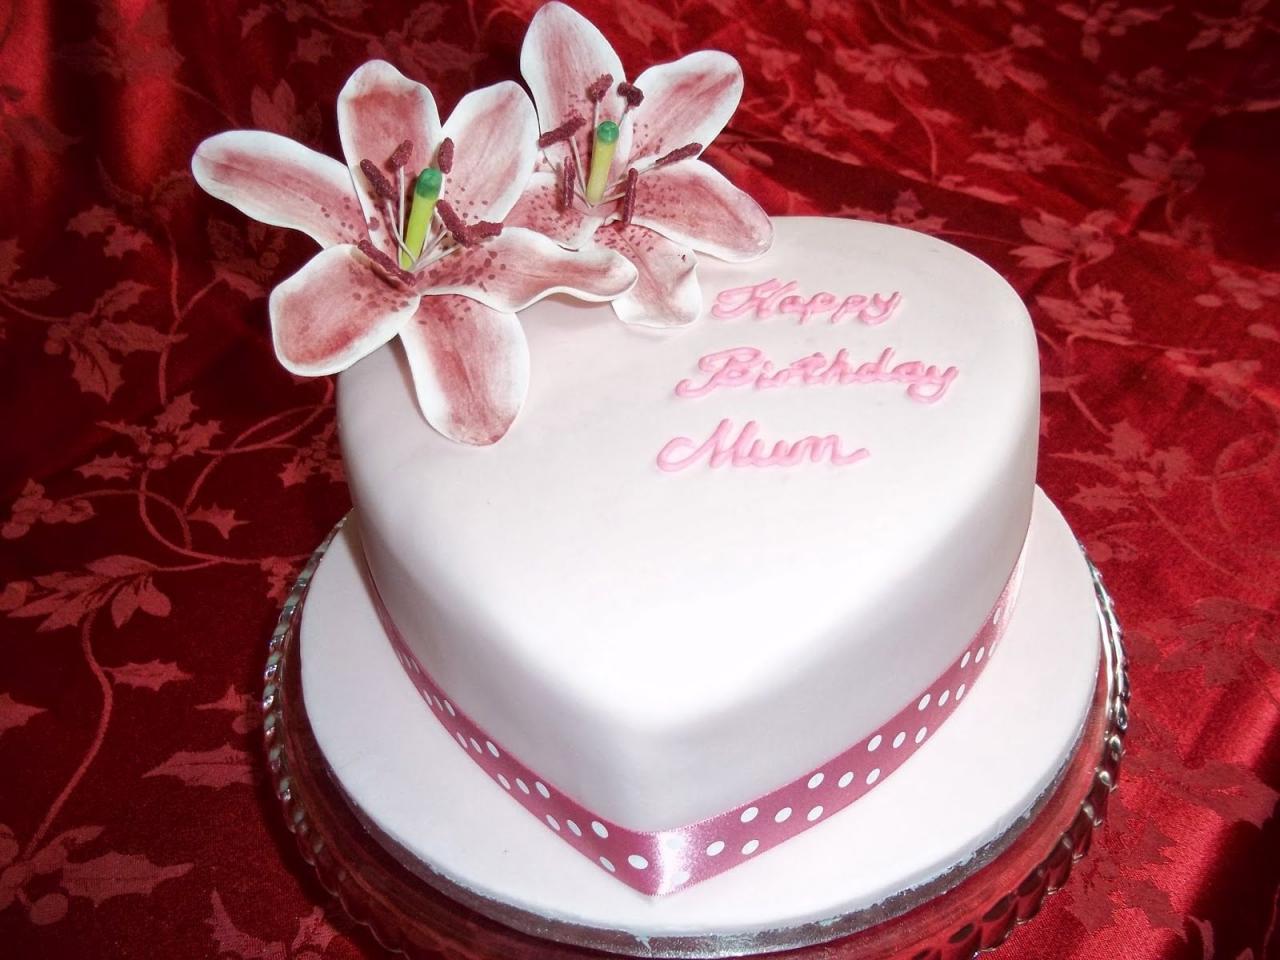 بالصور صور تهاني اعياد ميلاد , اجمل خلفيات للمباركة في عيد ميلاد 6303 3